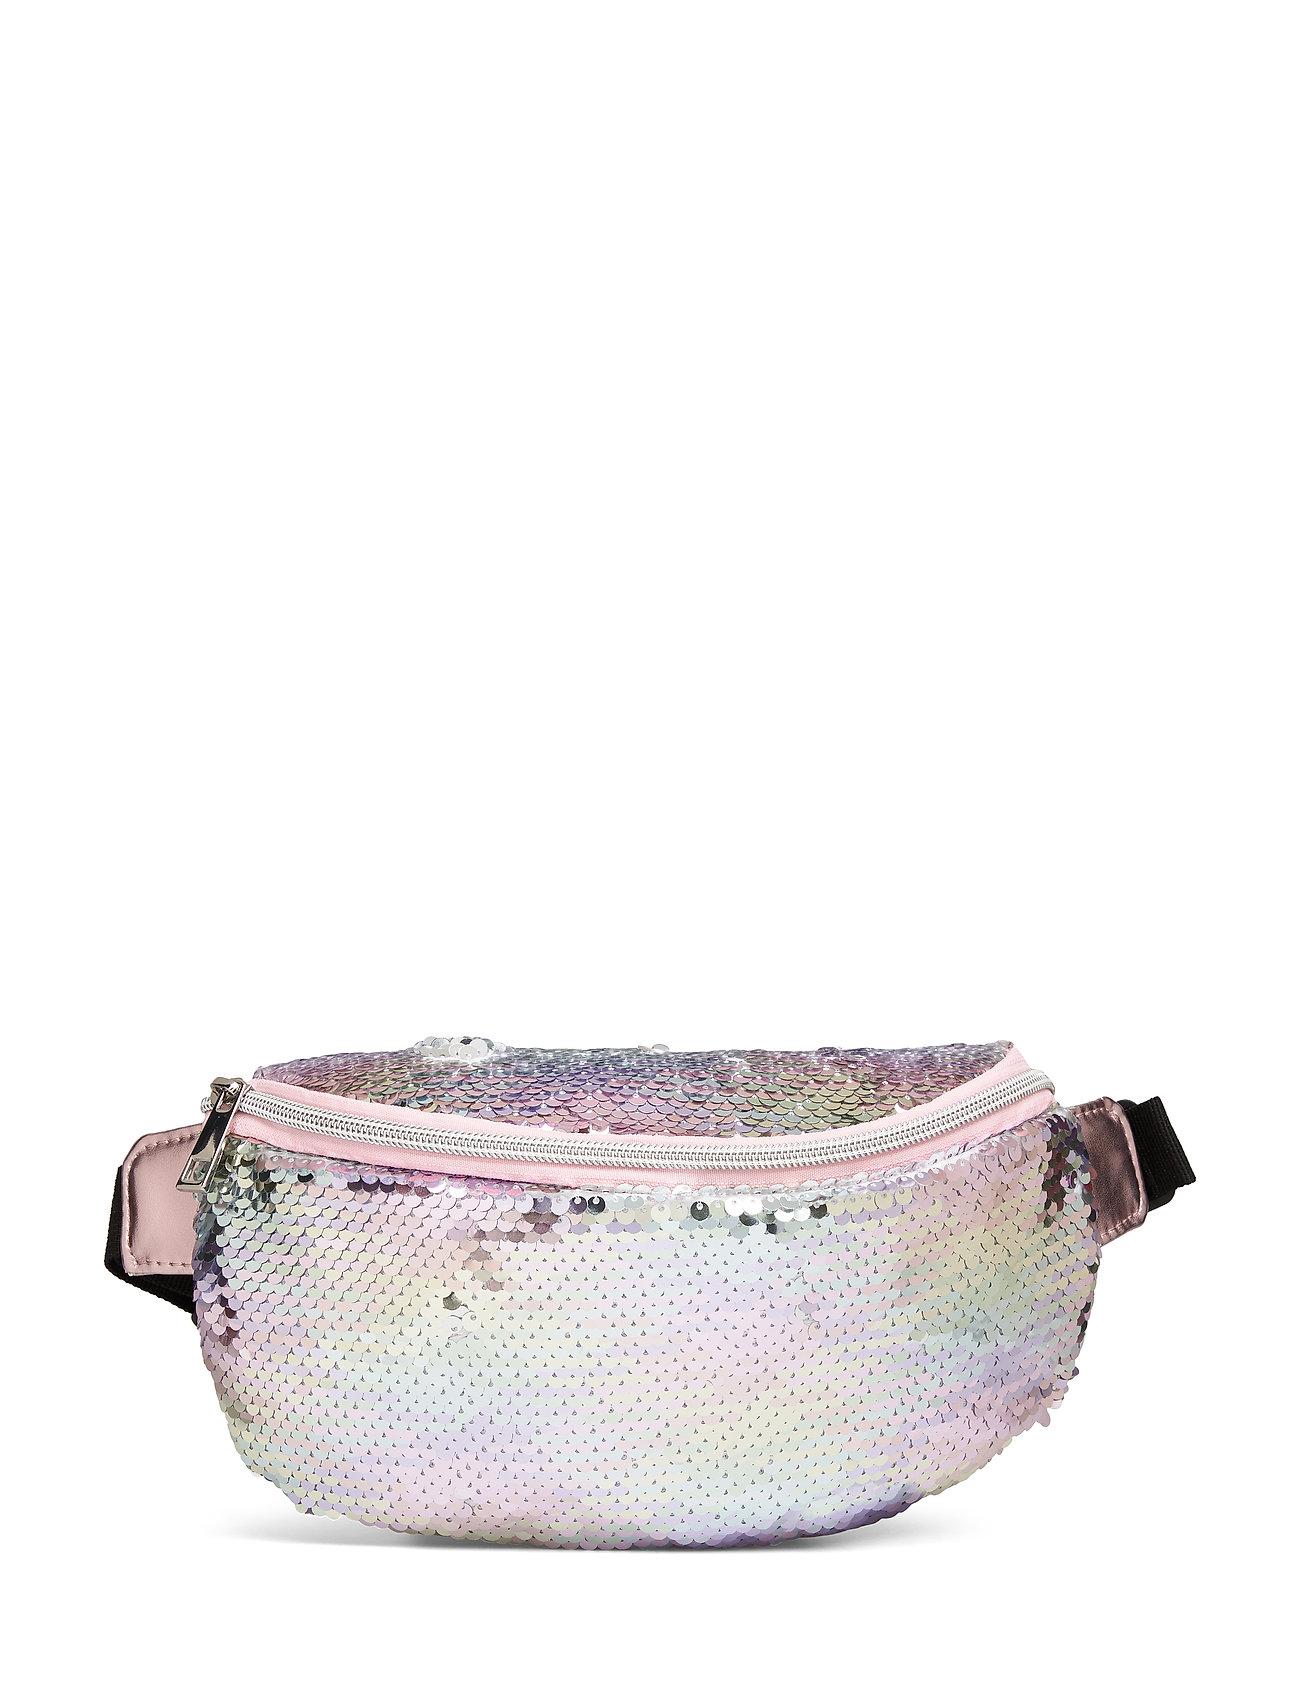 Lindex Bag belly flip sequins - LIGHT PINK